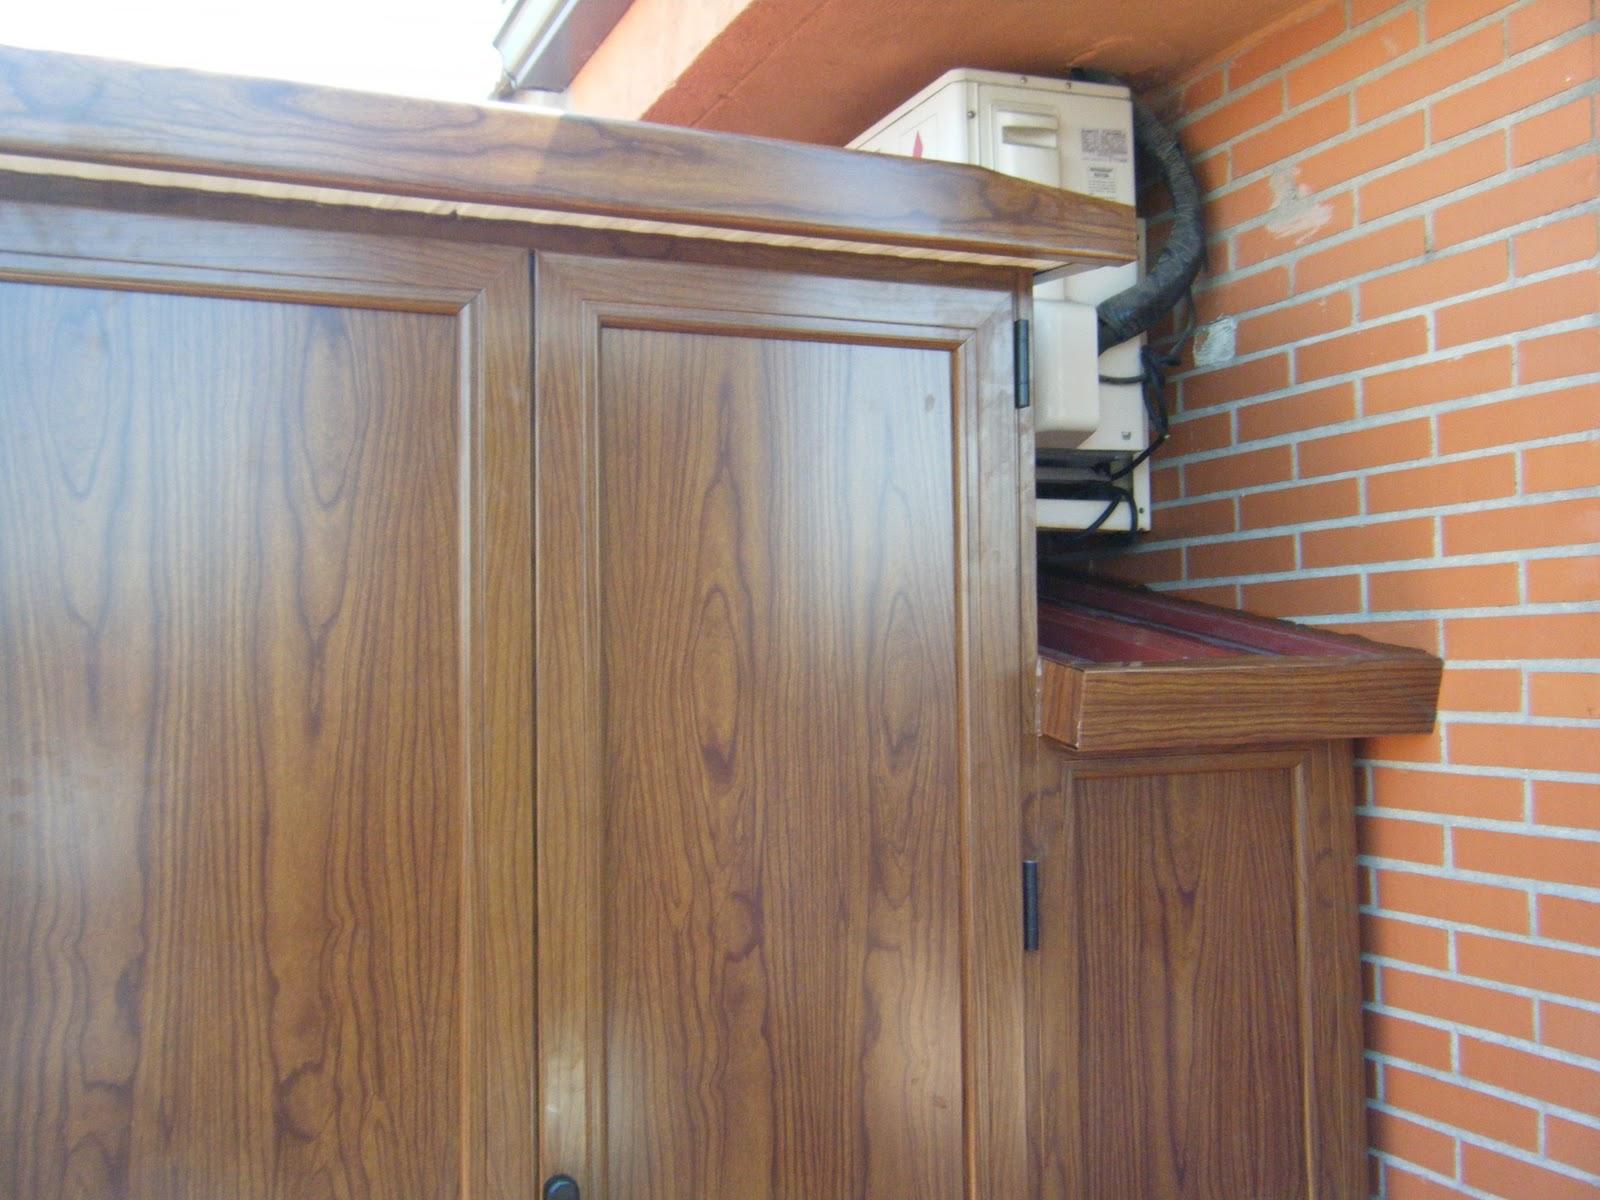 Aluminios alusa armario imitacion madera - Armario aluminio terraza ...